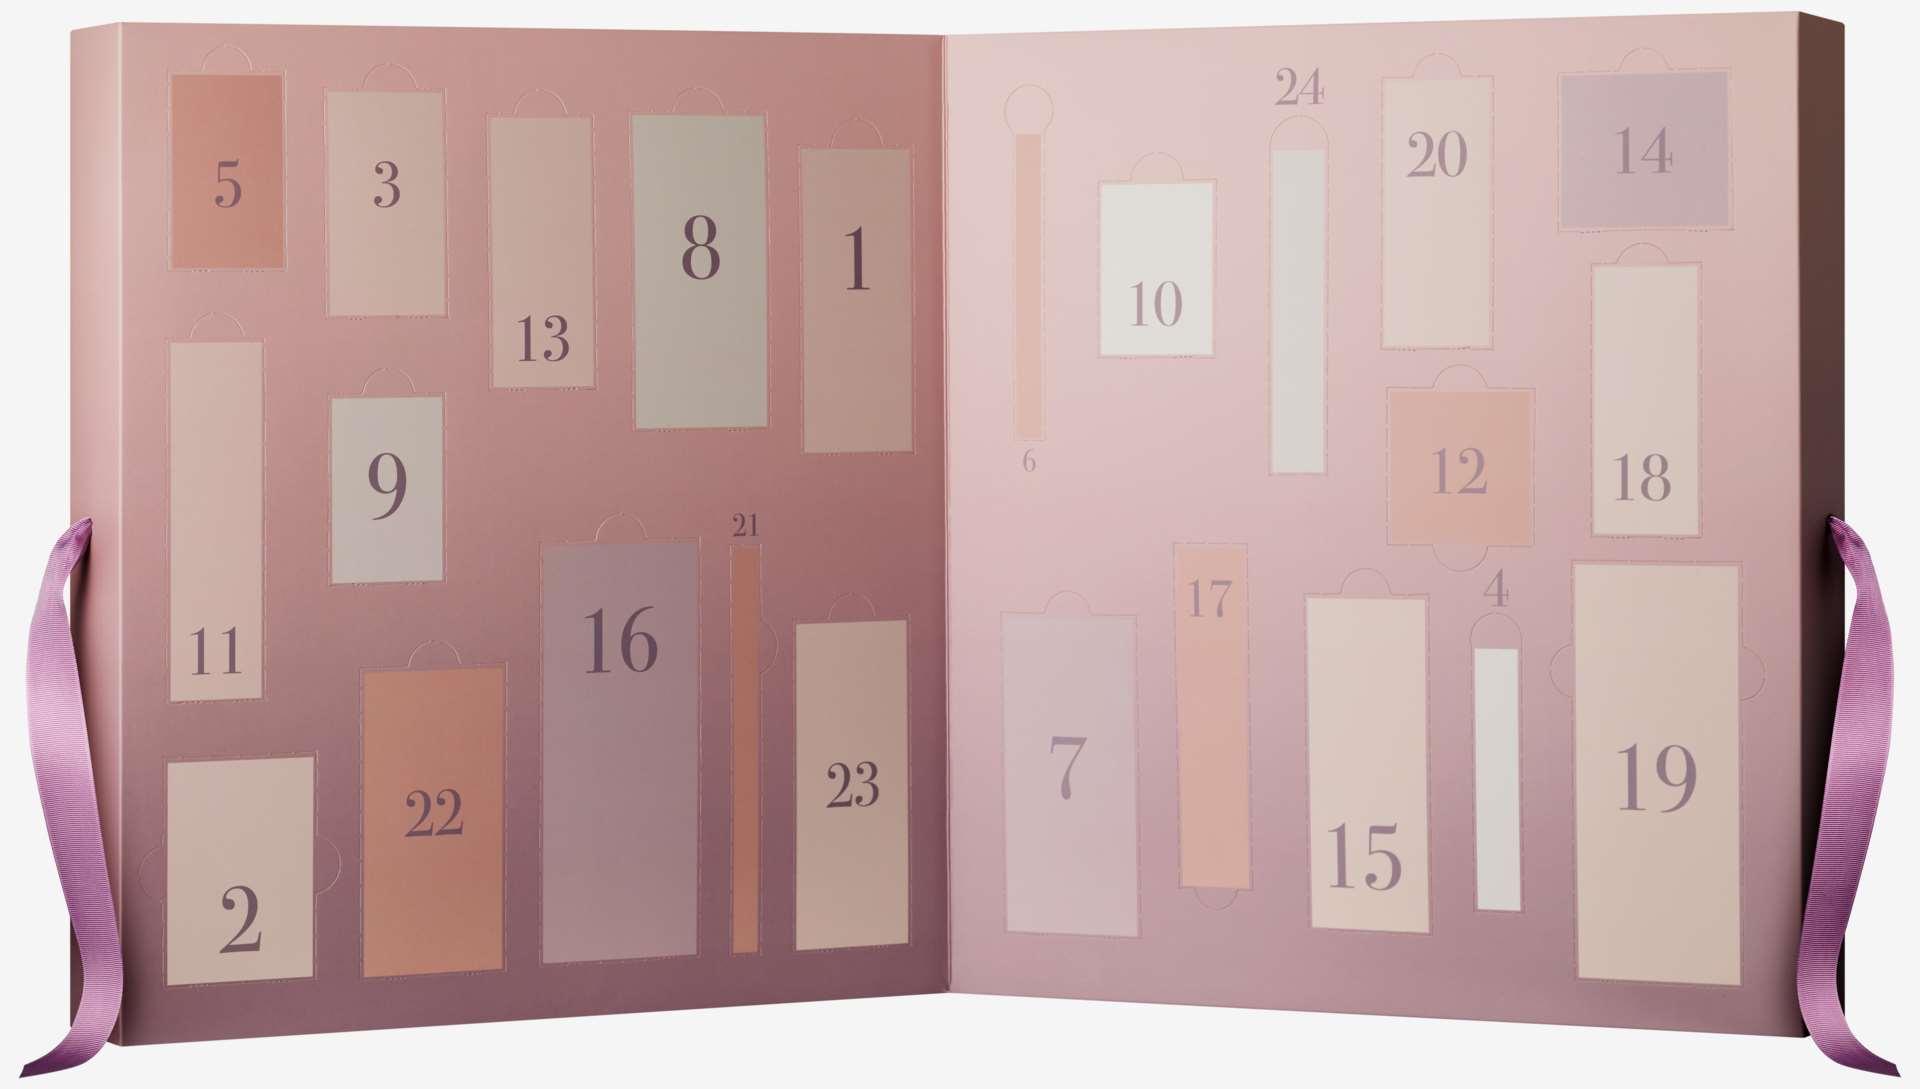 Kosmetiikkakalenteri budgie, skintreat, monsun